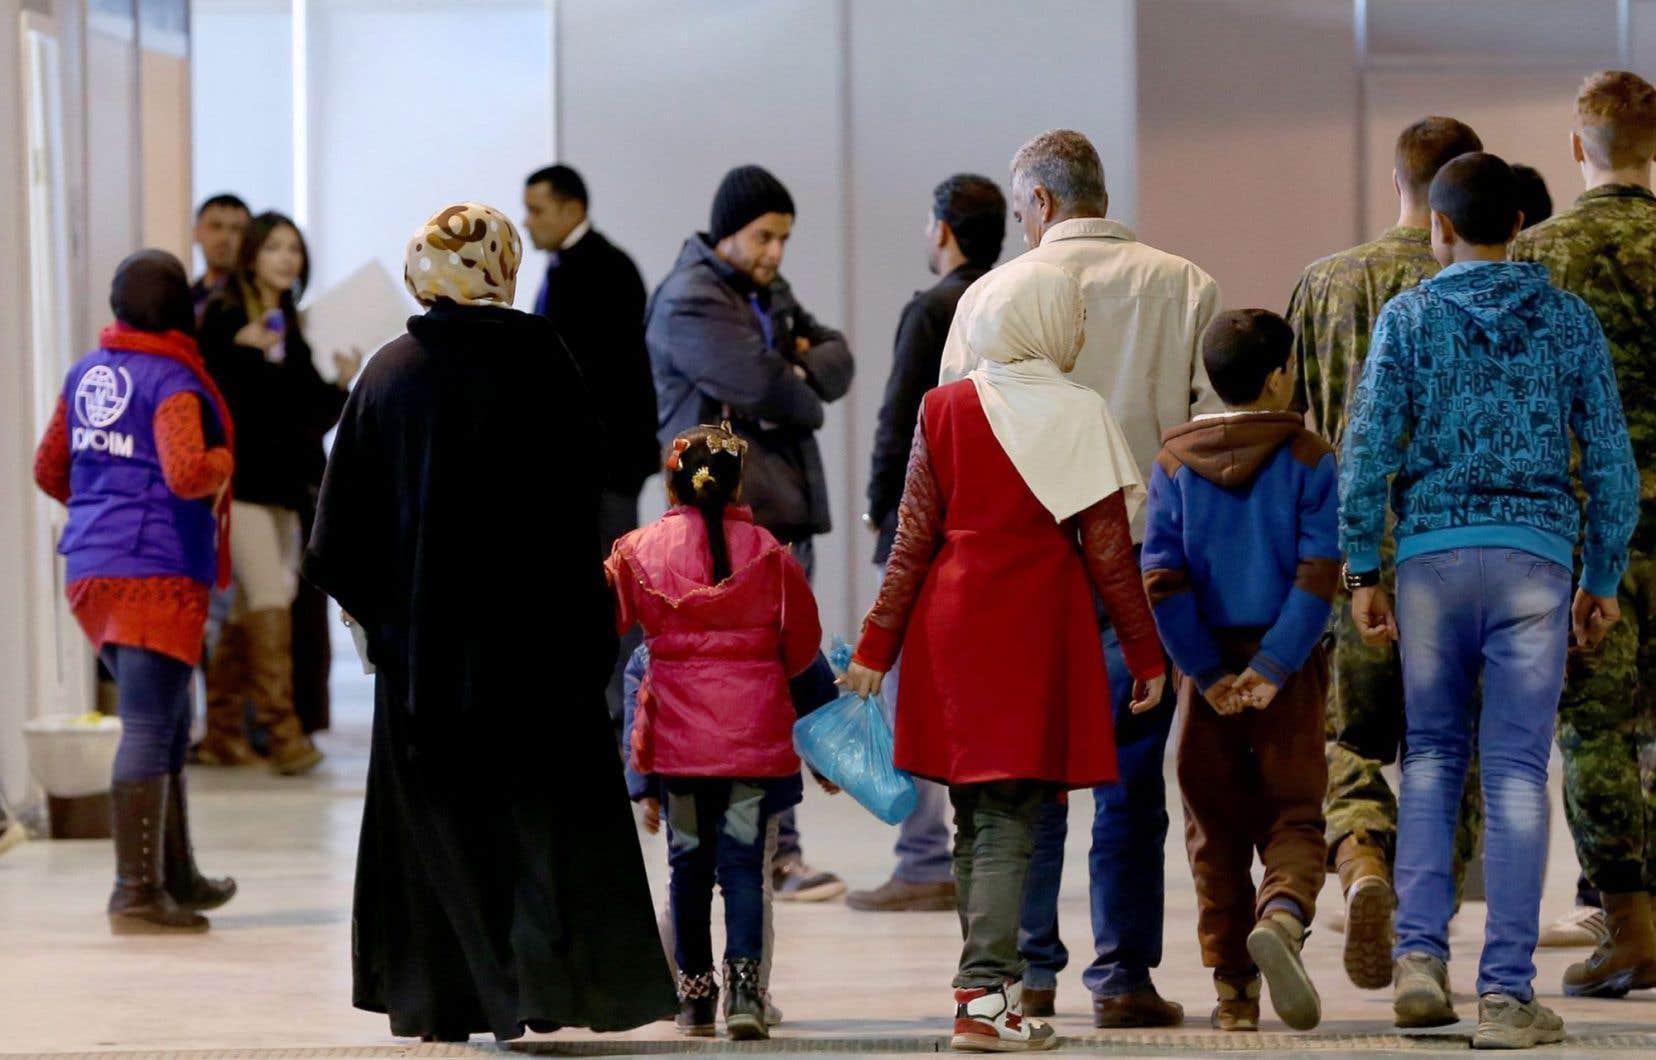 Des représentants de la communauté syrienne de Montréal ont dénoncé les ratés du parrainage privé des réfugiés, un processus qui leur apparaît discriminatoire.